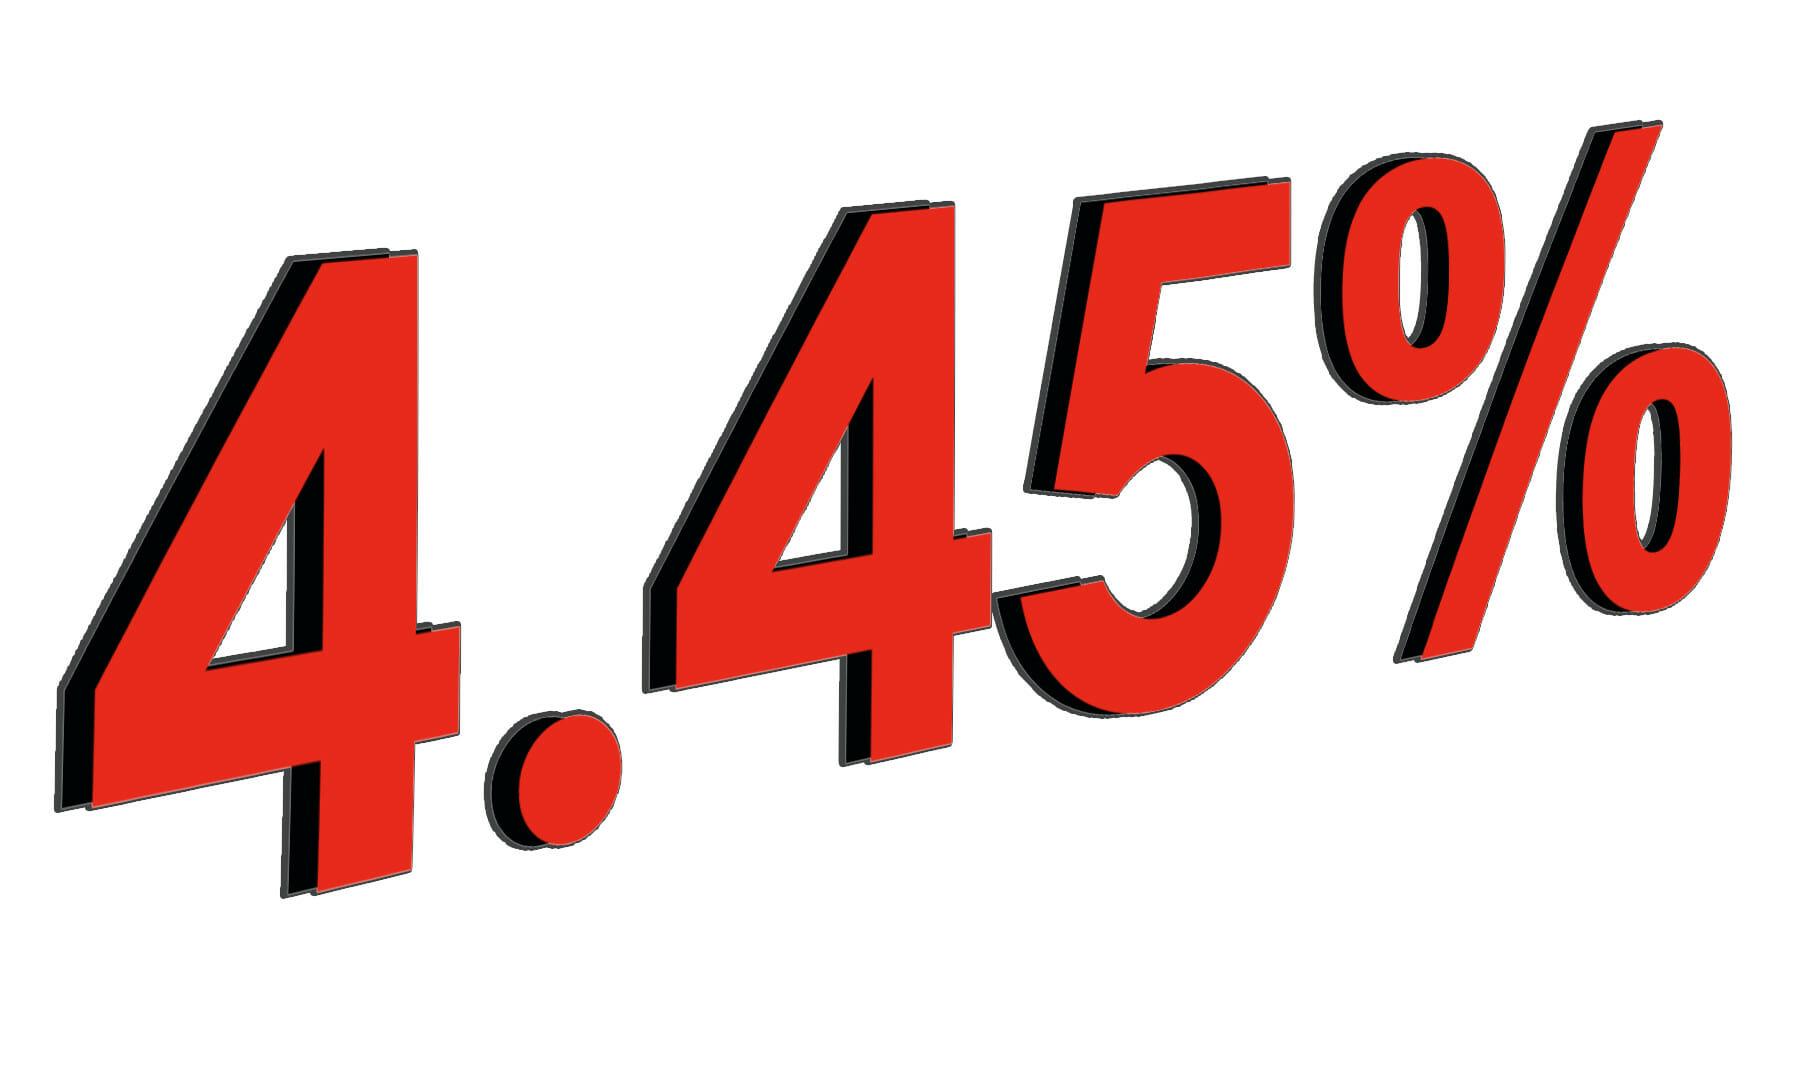 New LA state sales tax rate